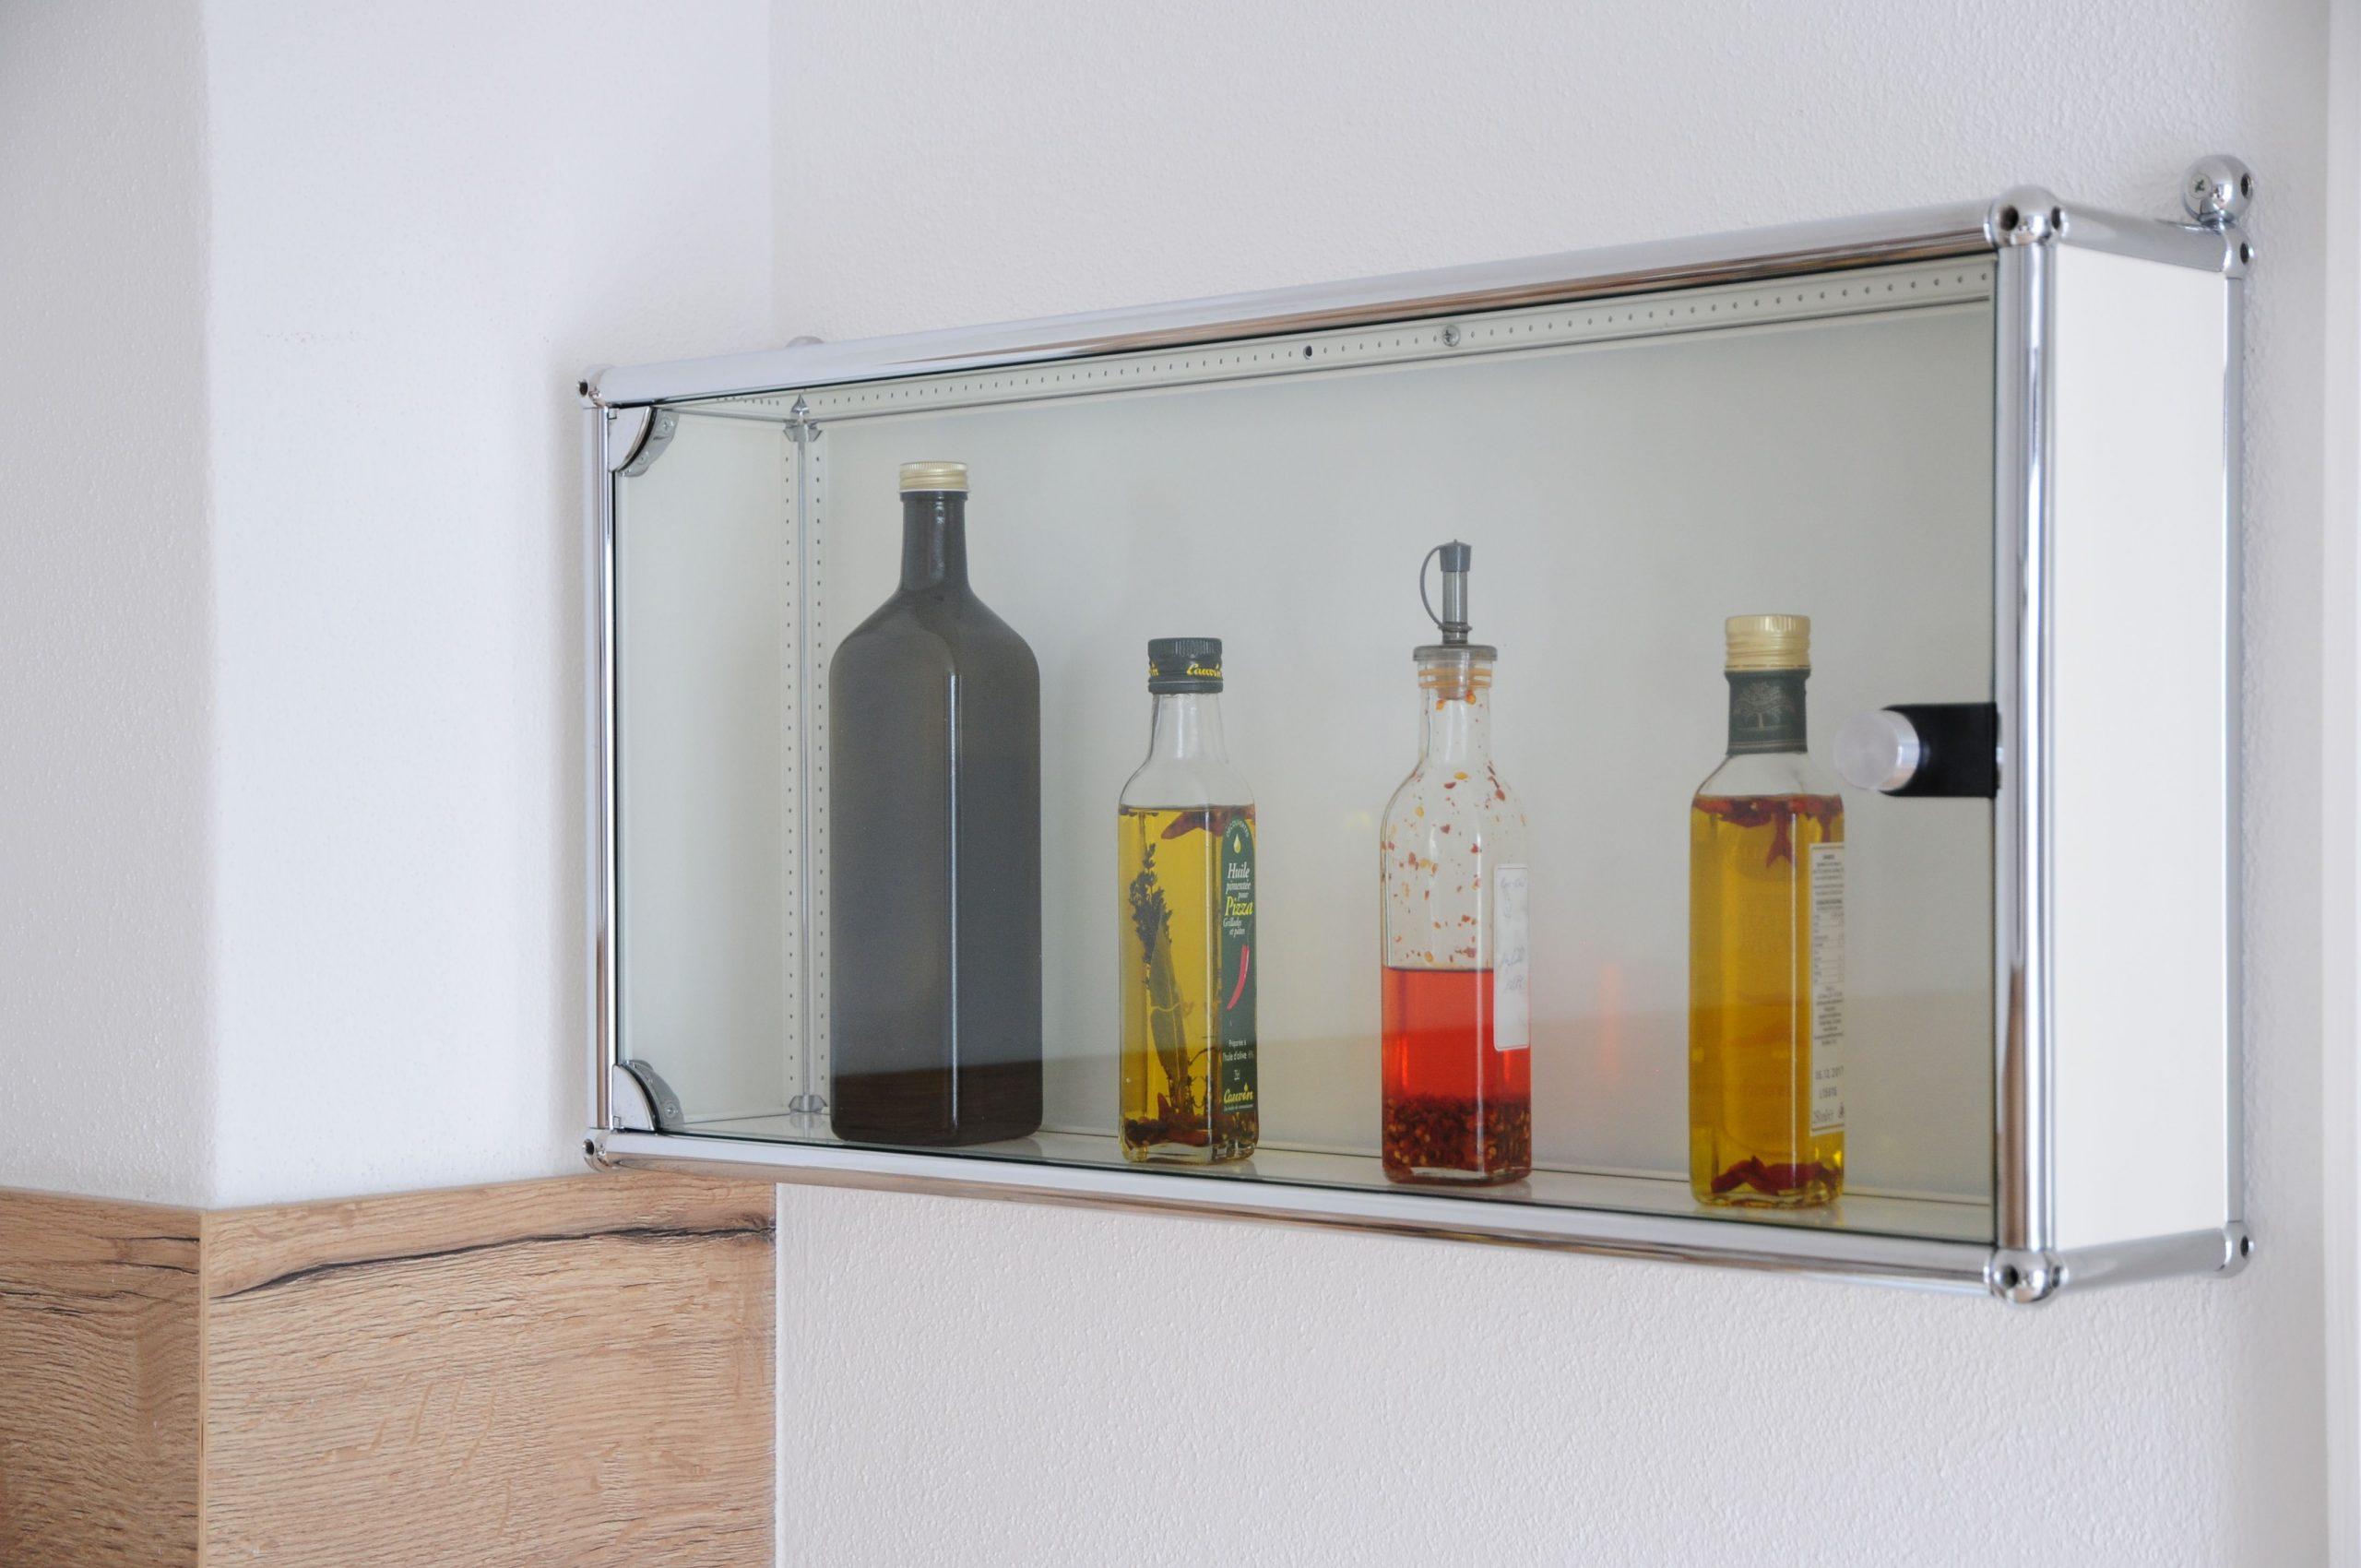 Hängeschrank Küche 30 Cm Tief Hochglanz Schwarz Ikea ...